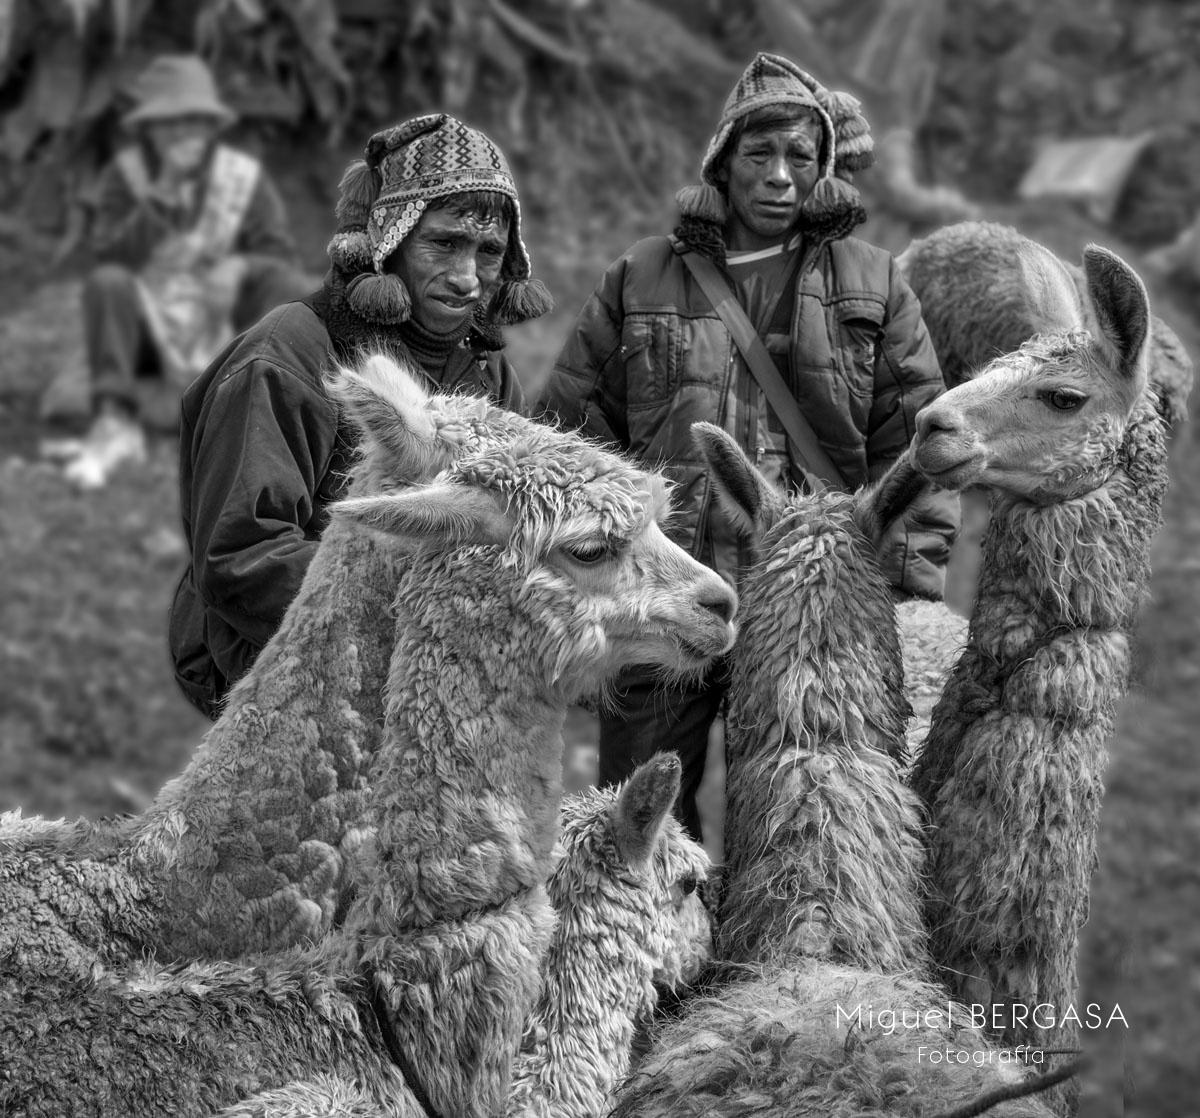 Perú - Miguel BERGASA, Fotografía